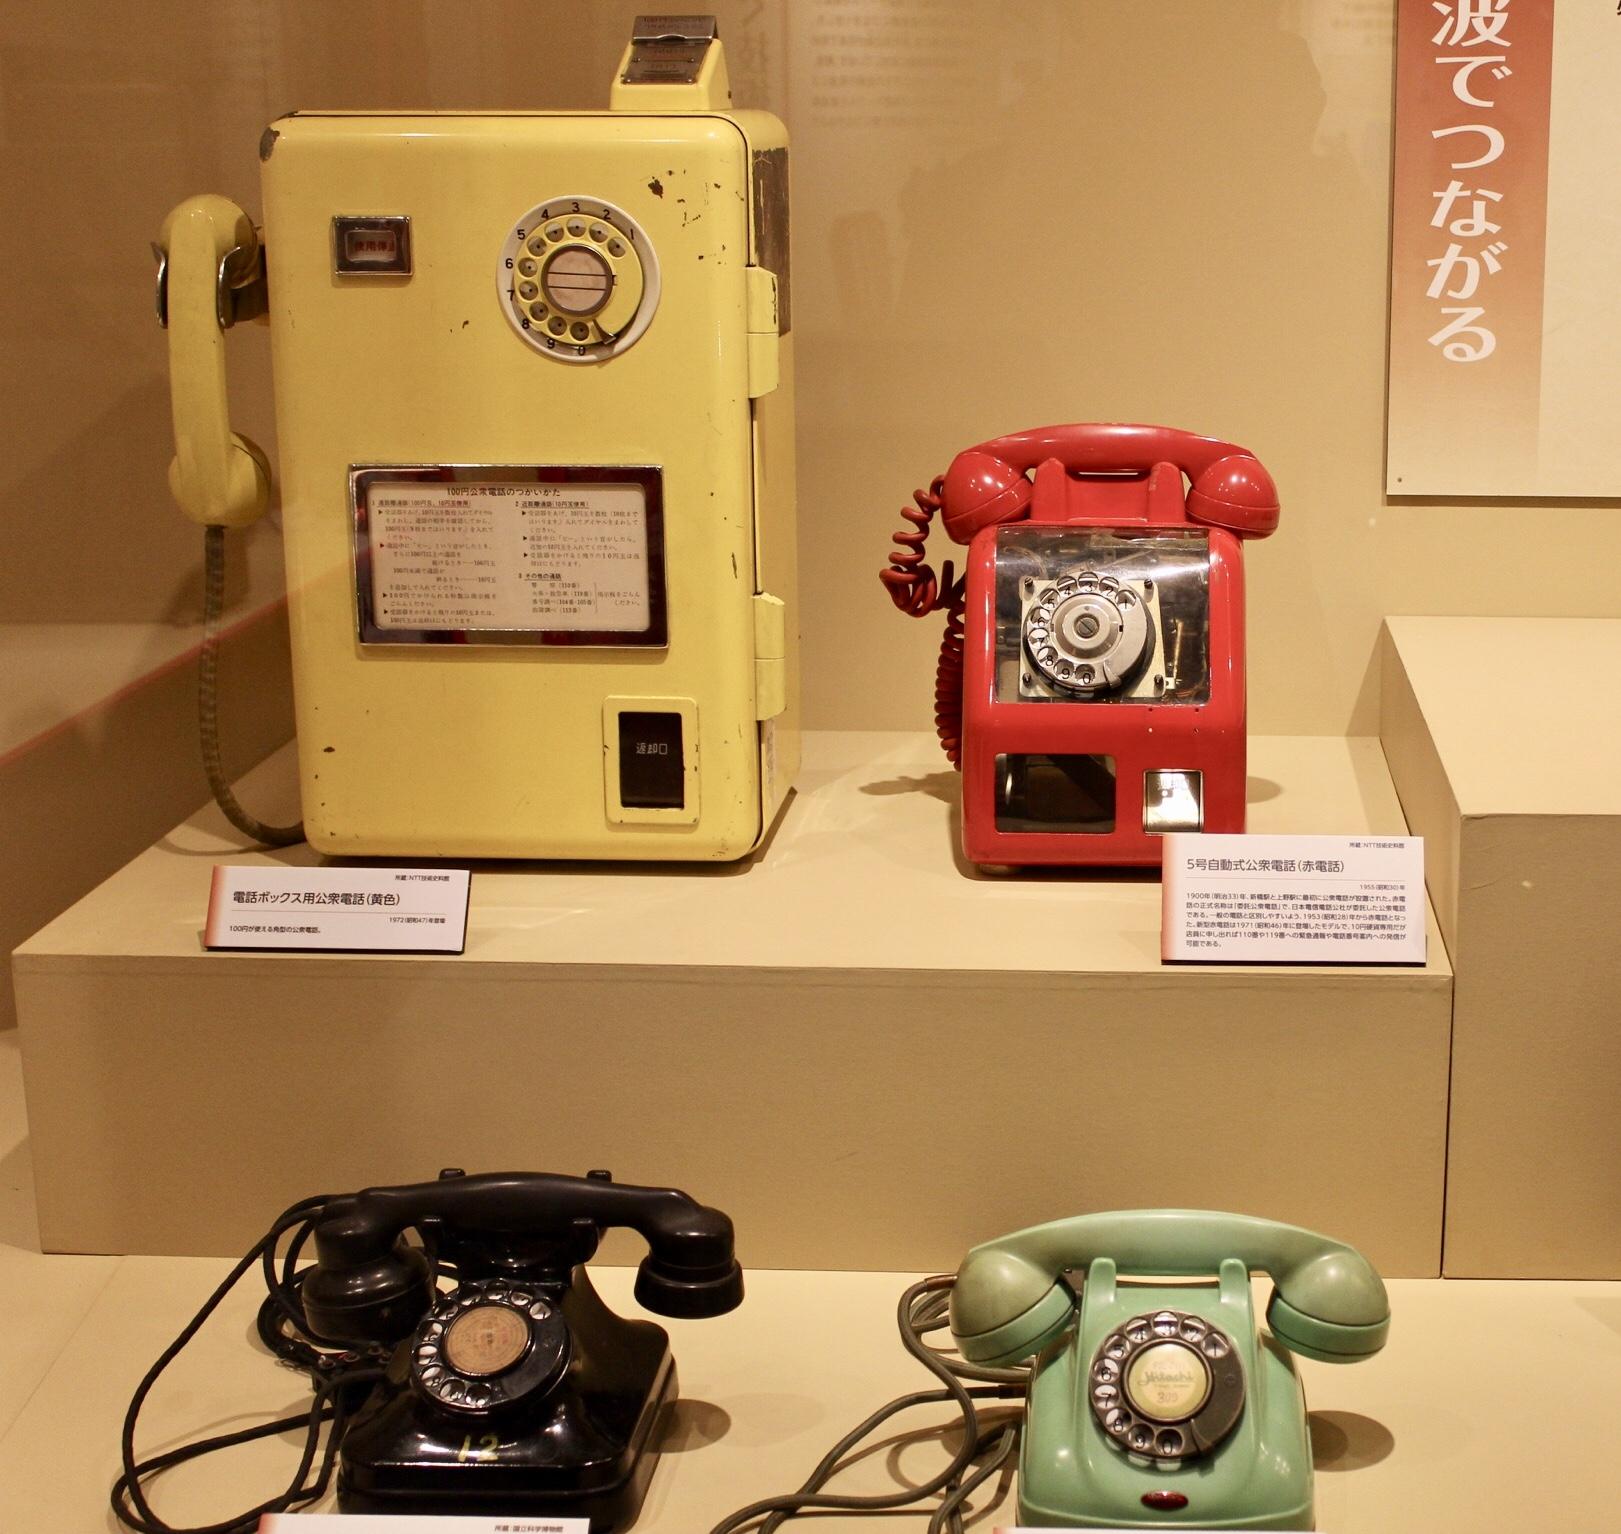 今だからこそ、振り返る価値がある『特別展 技術発展の150年 日本を変えた千の技術博』